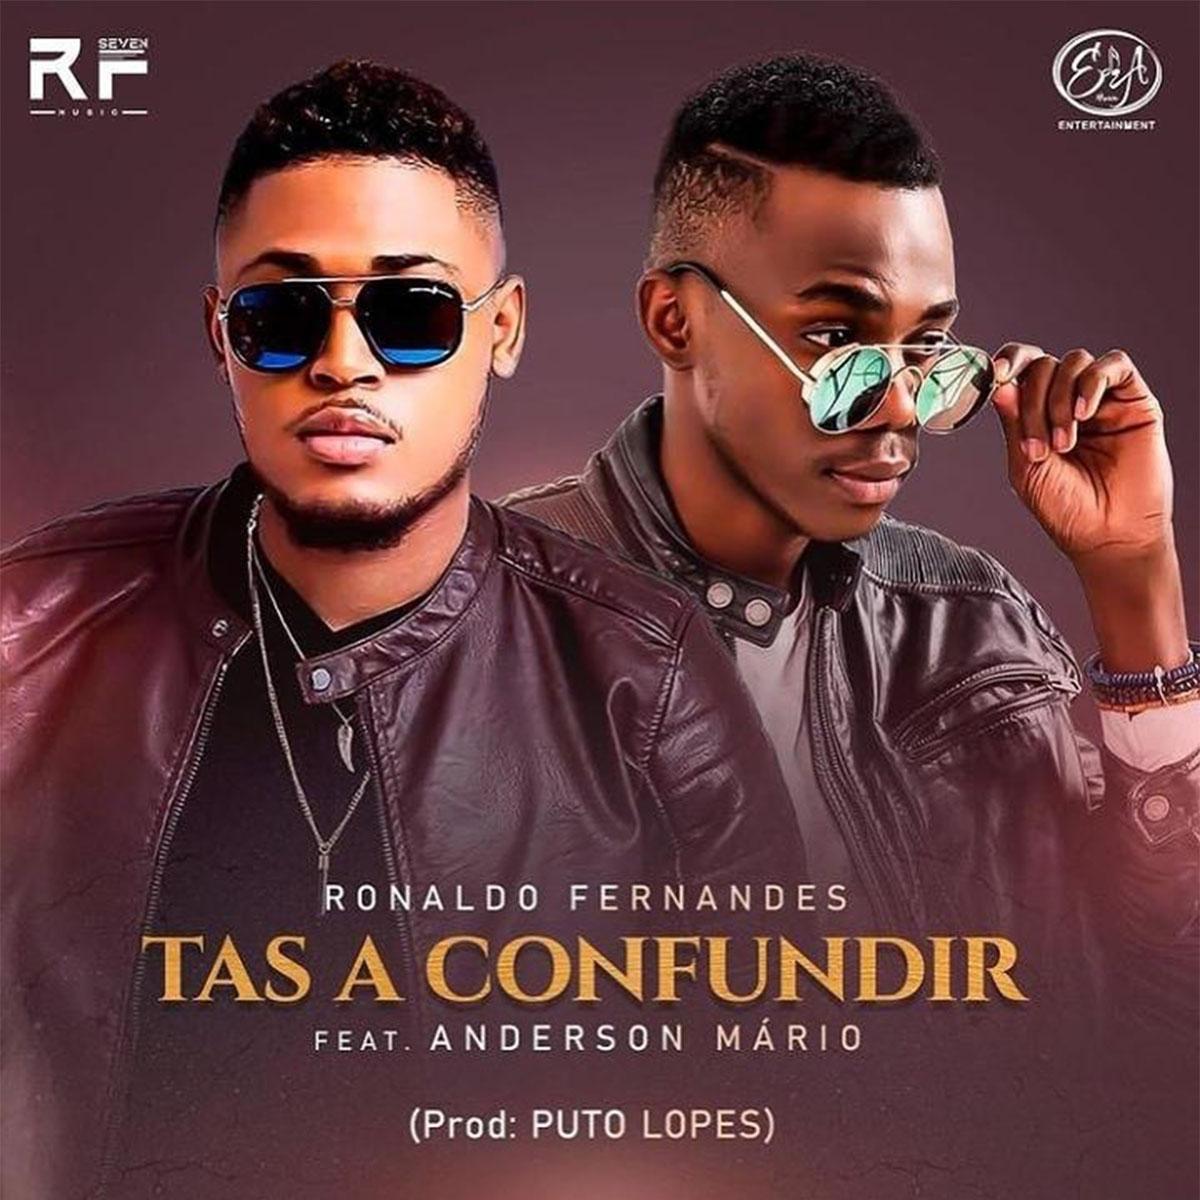 Ronaldo Fernandes - Tás a Confundir (feat. Anderson Mário)